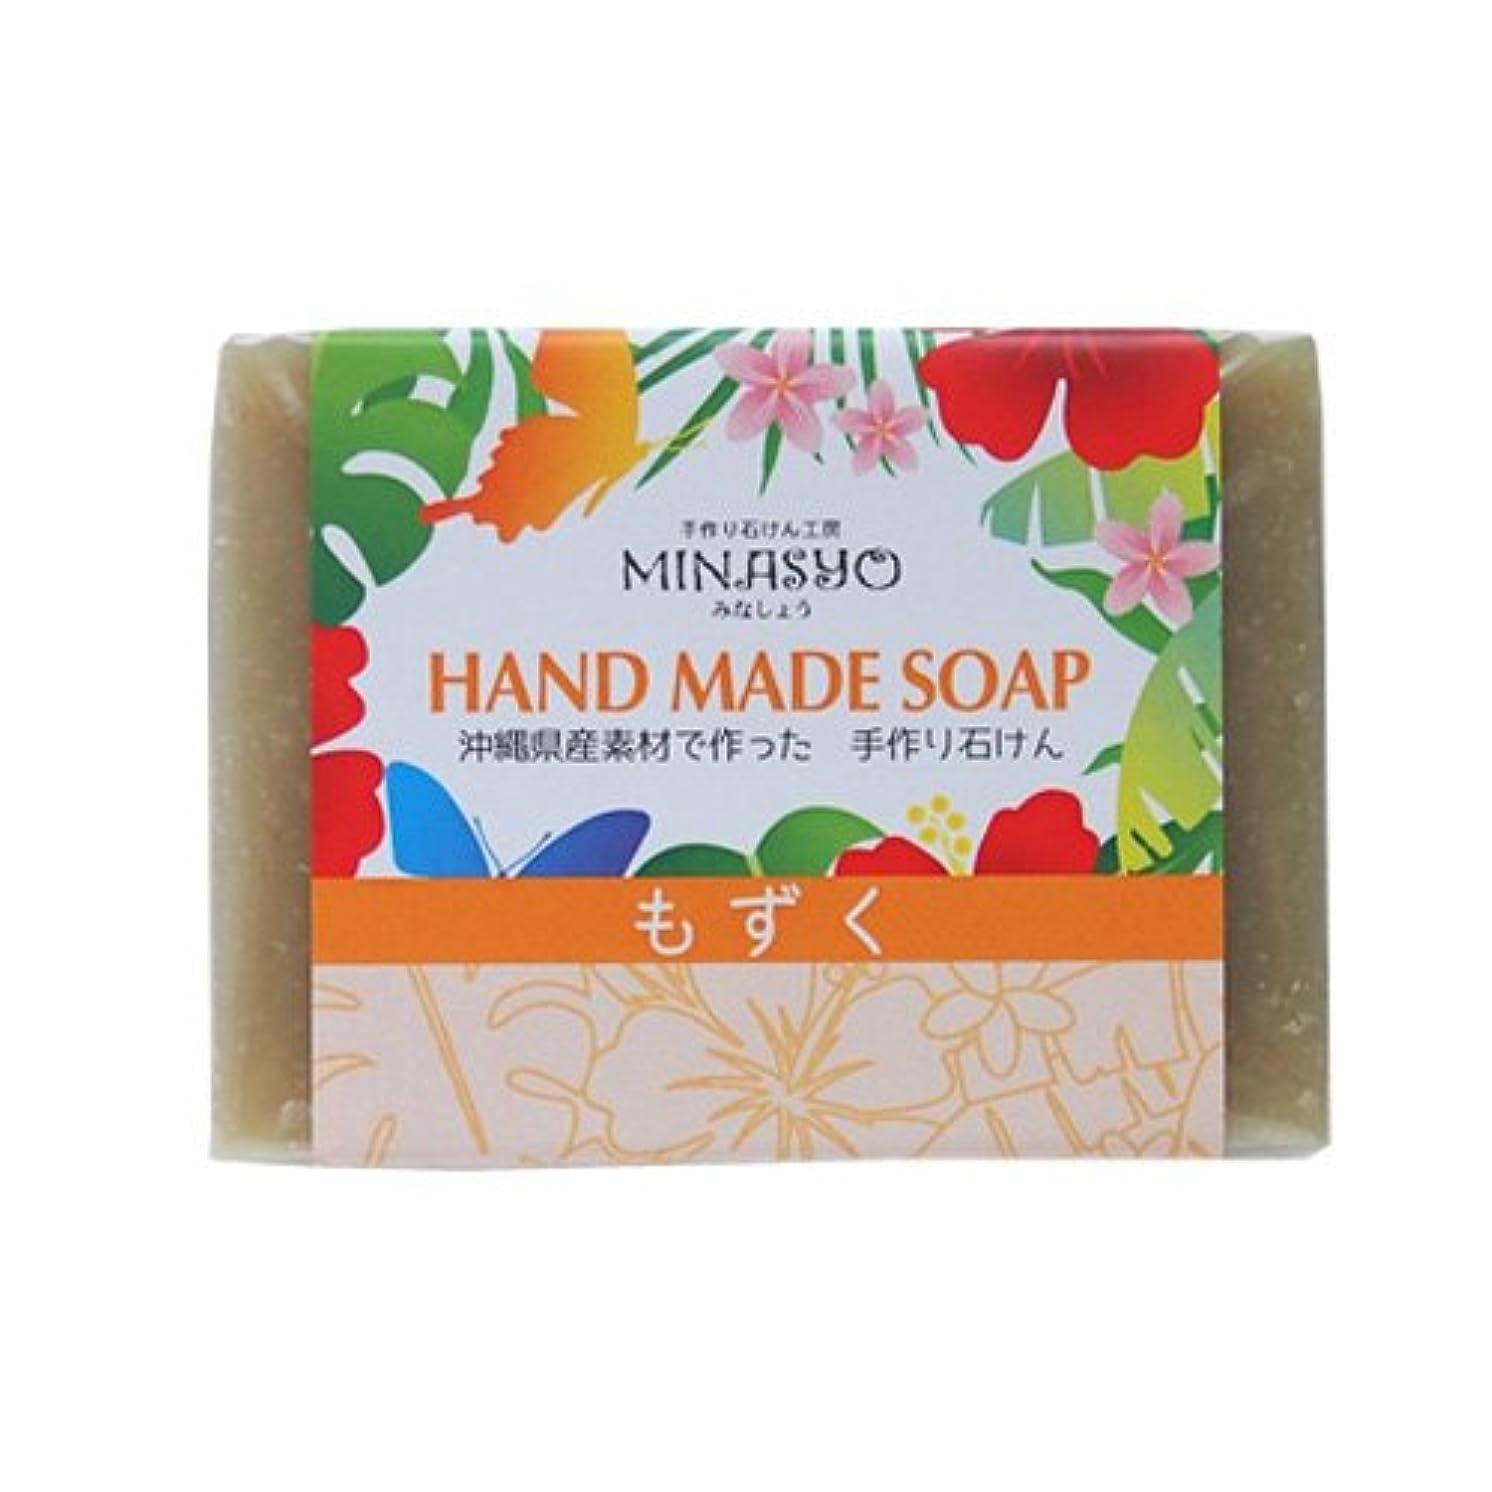 賢明なフレキシブルく洗顔石鹸 固形 無添加 保湿 敏感肌 乾燥肌 手作りもずく石鹸